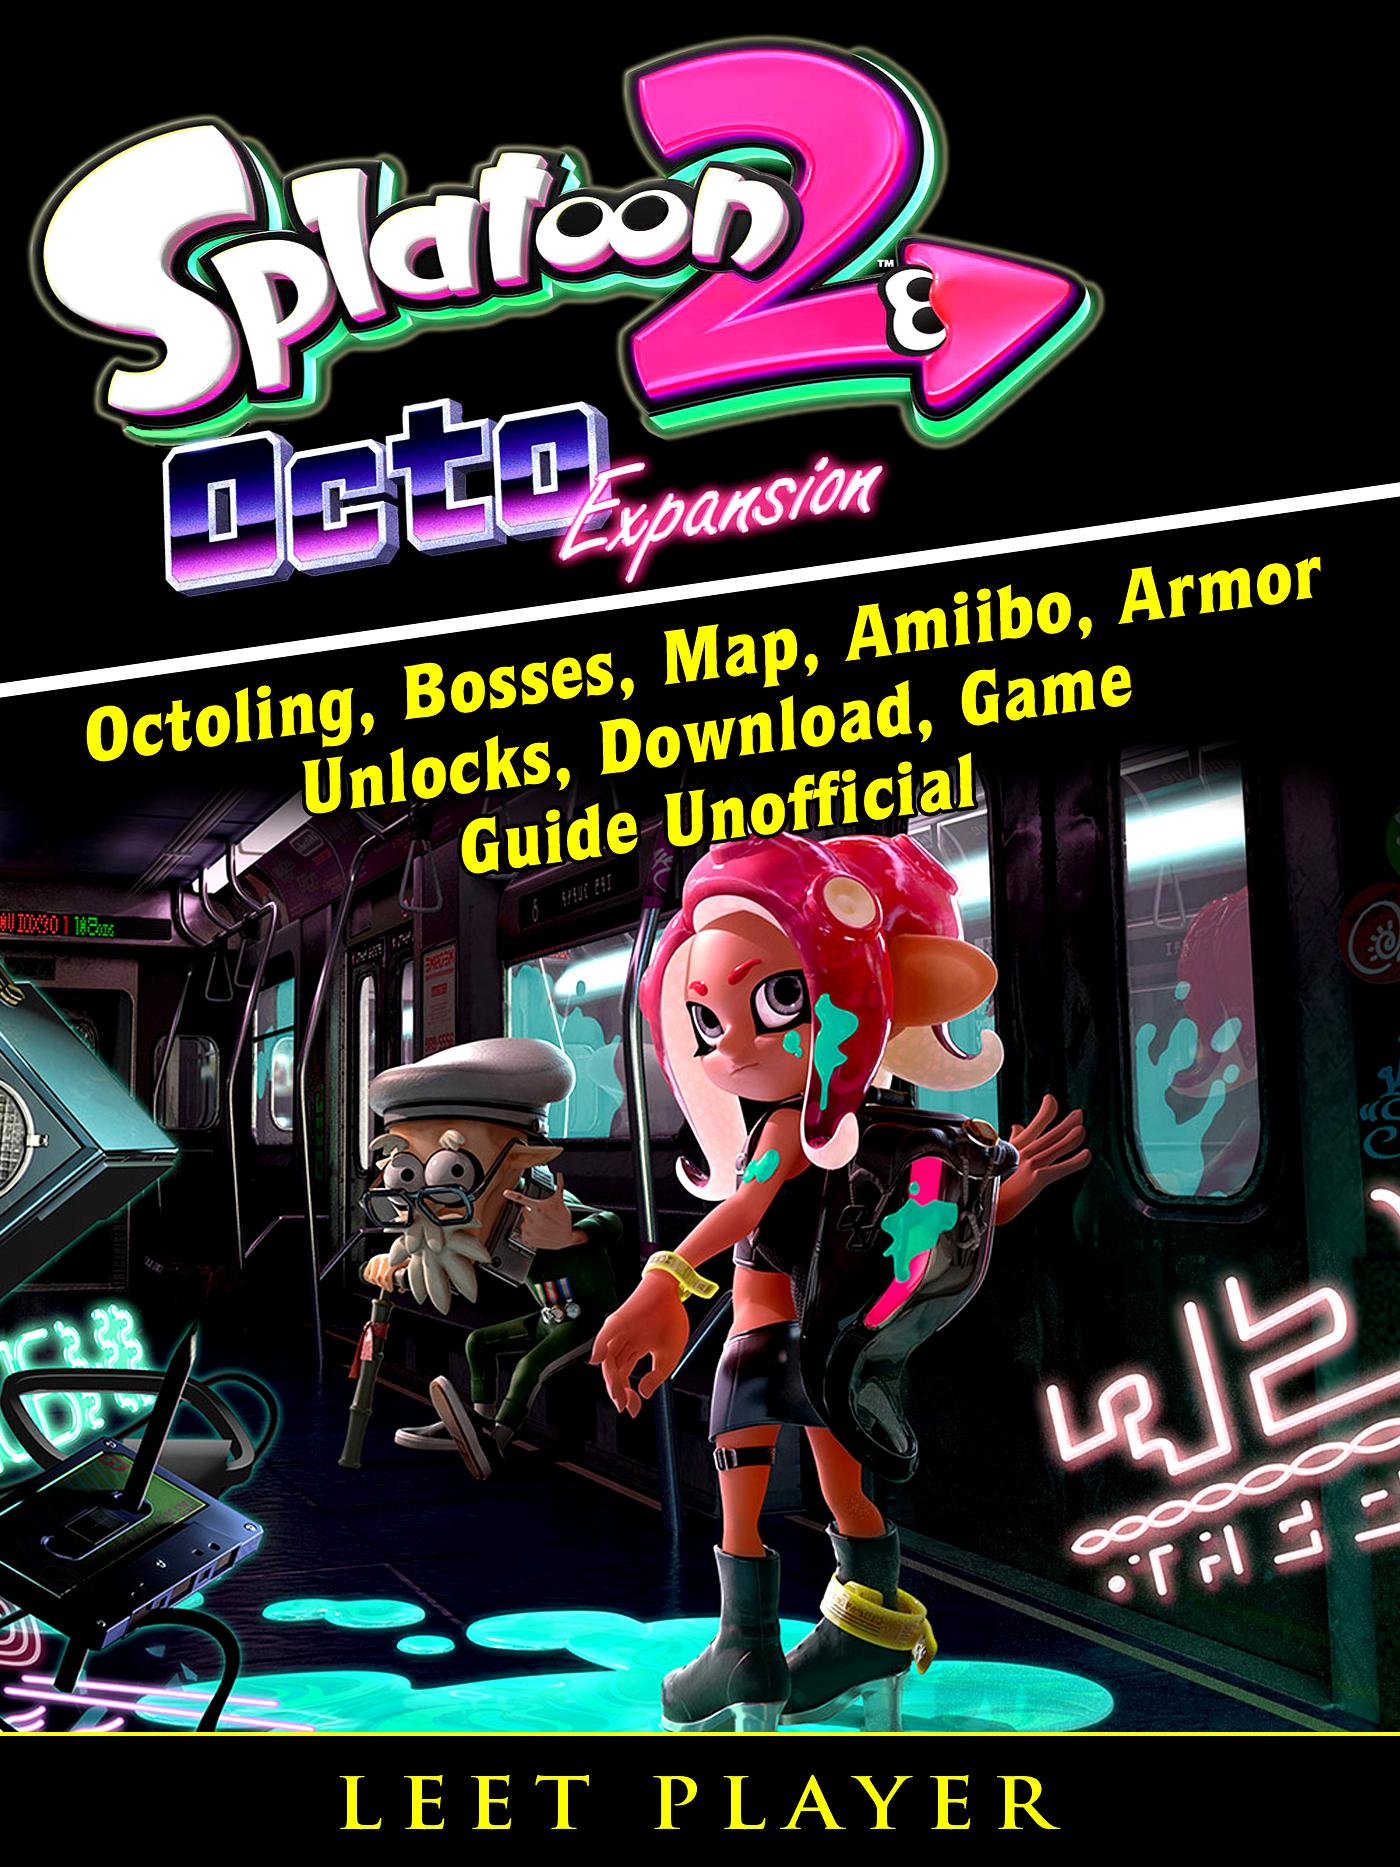 Splatoon 2 Octo, Octoling, Bosses, Map, Amiibo, Armor, Unlocks